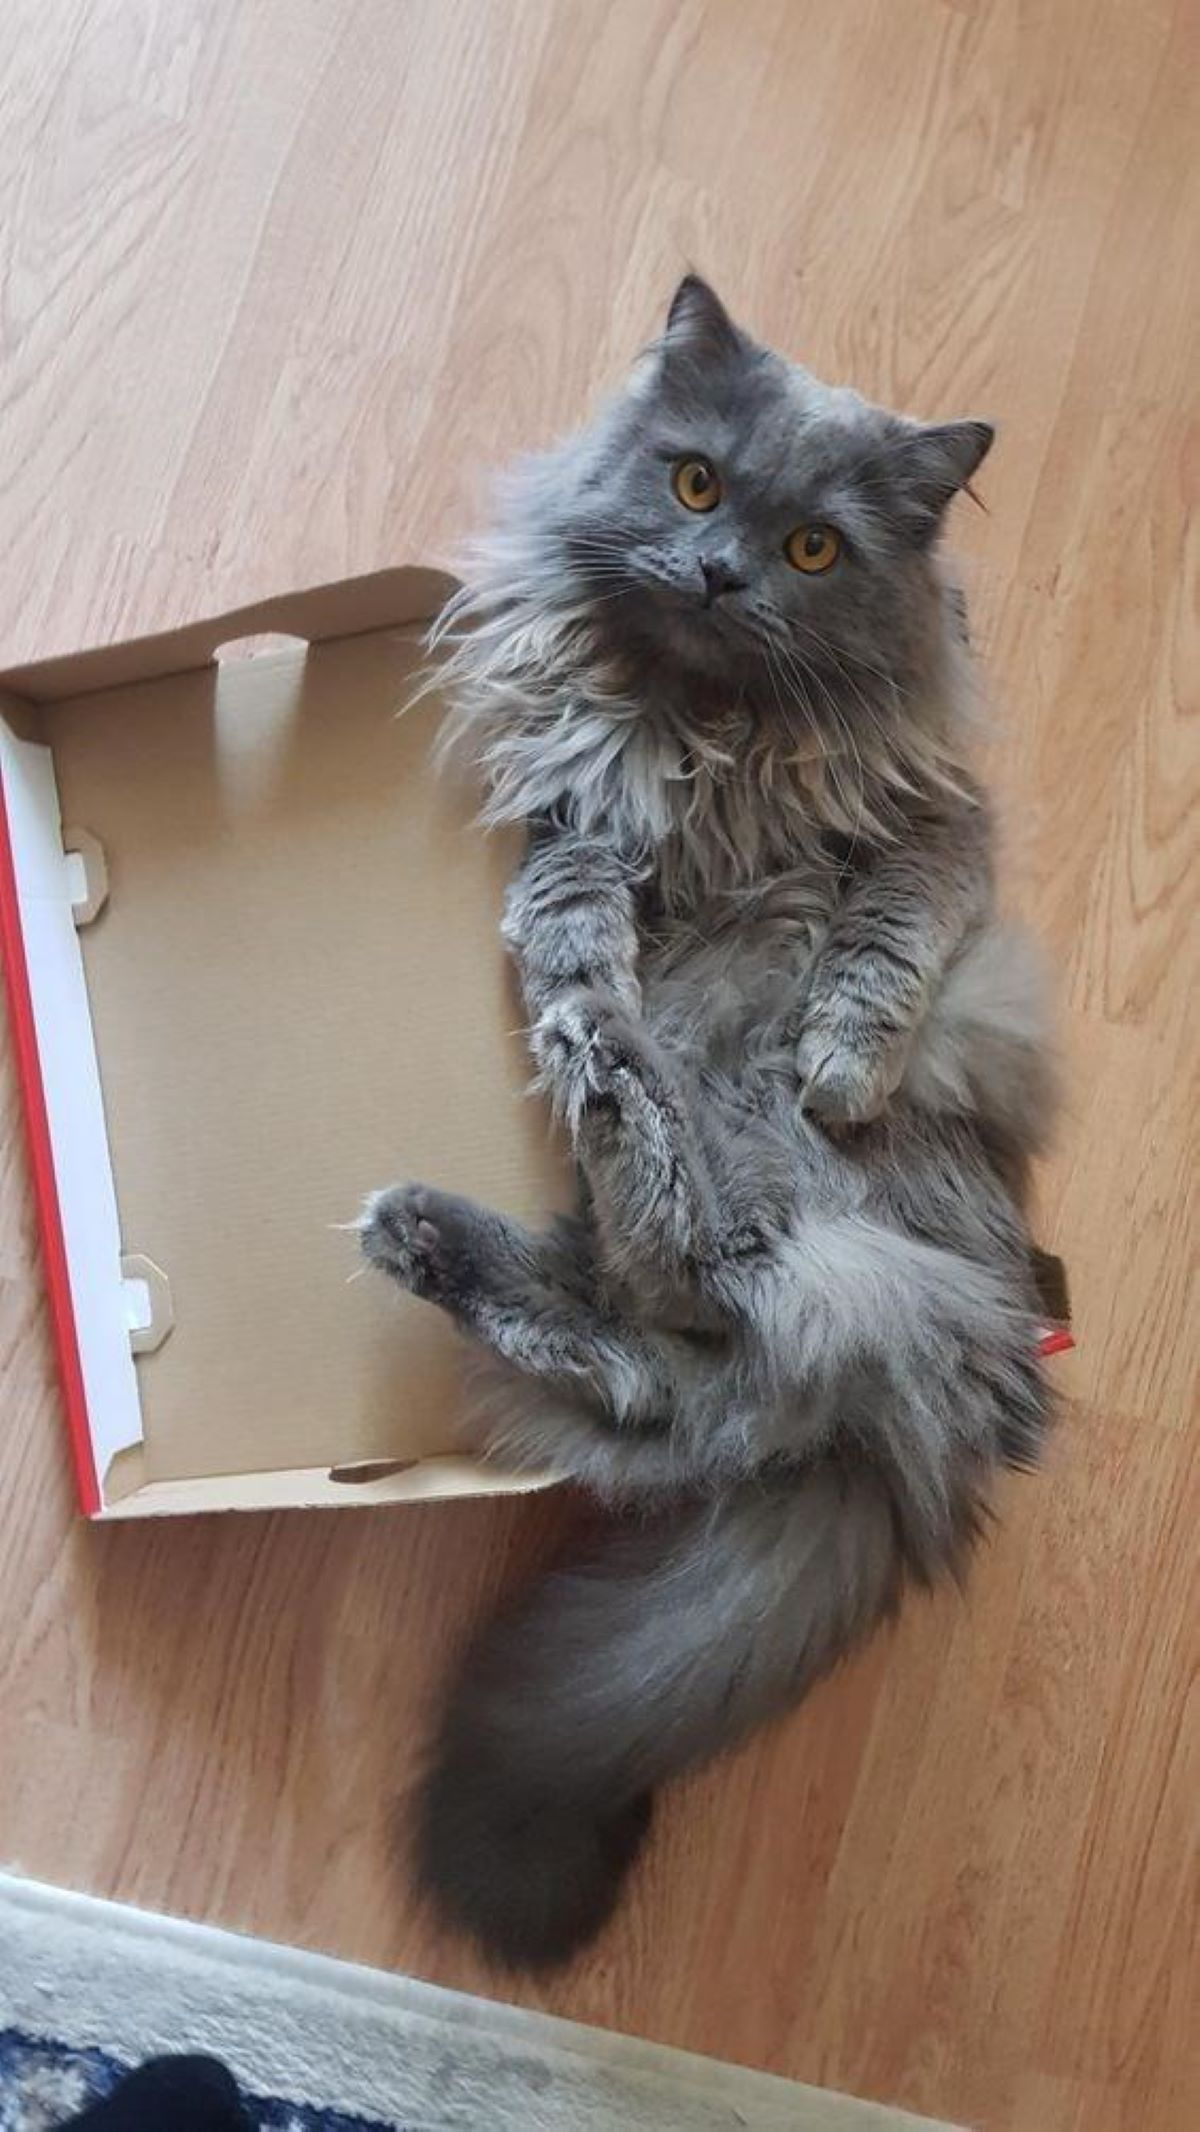 gattone-nella-scatola